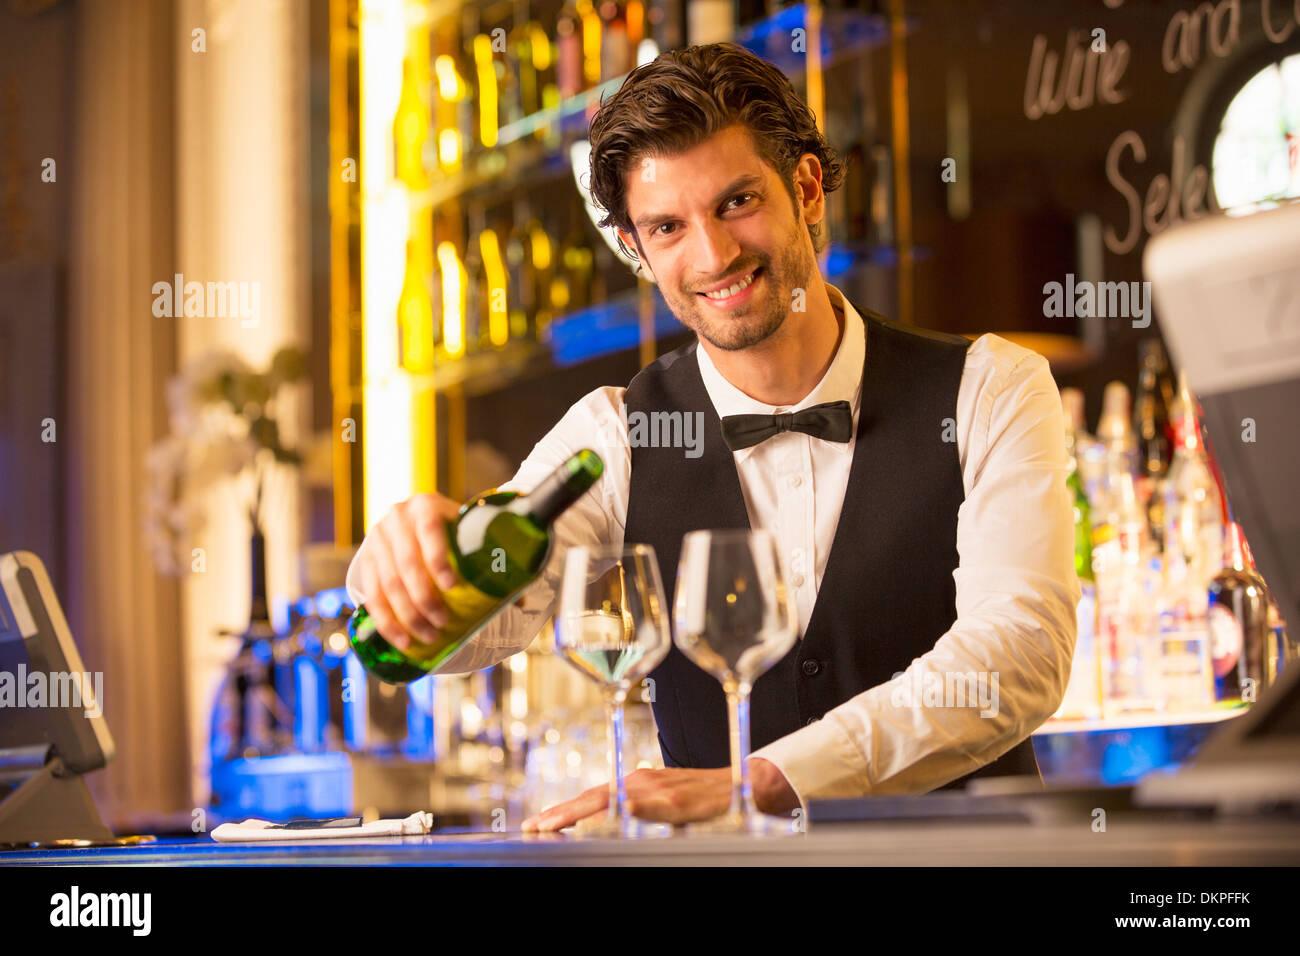 Porträt von gut gekleidete Barkeeper Gießen Wein in Luxus bar Stockbild